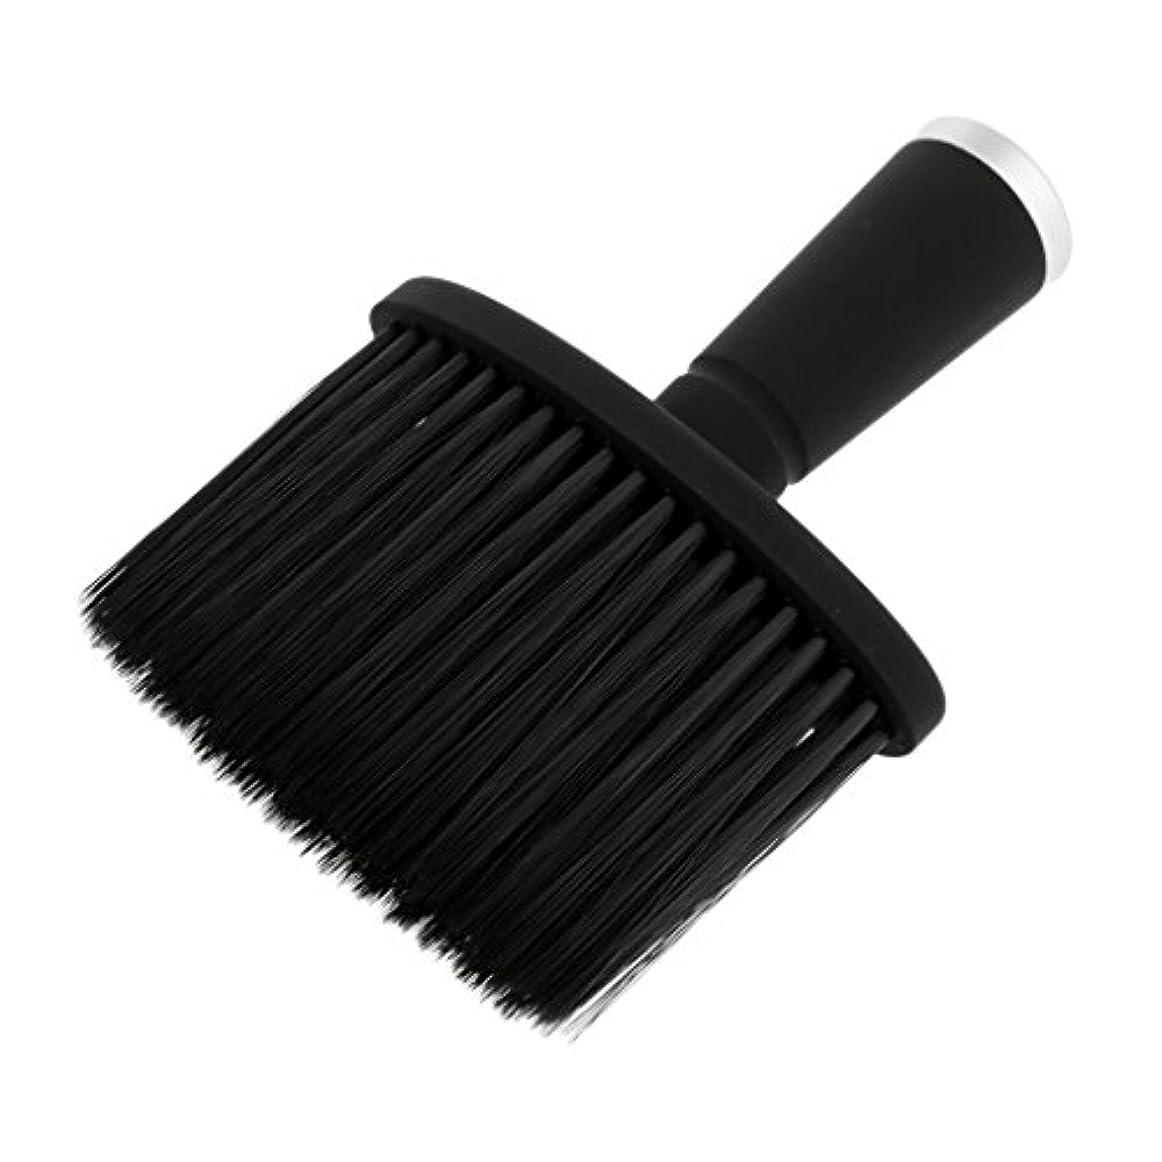 タンザニアみなさん空大広間のスタイリストの理髪師の毛の切断の構造用具のための柔らかい首の塵払いのブラシ - 銀